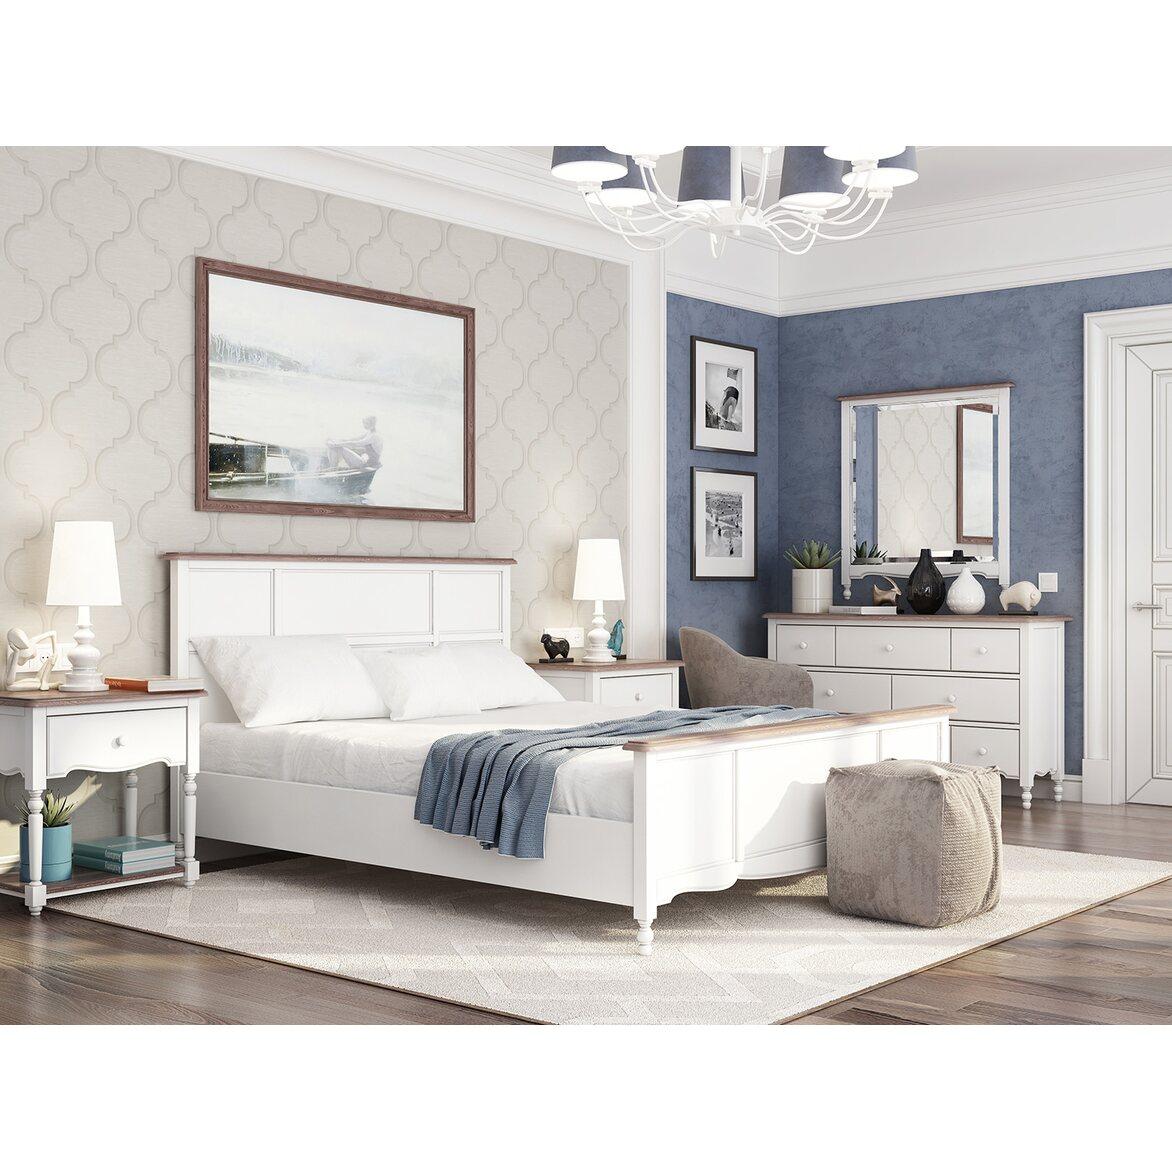 Кровать Leblanc белая, с изножьем 3 | Двуспальные кровати Kingsby